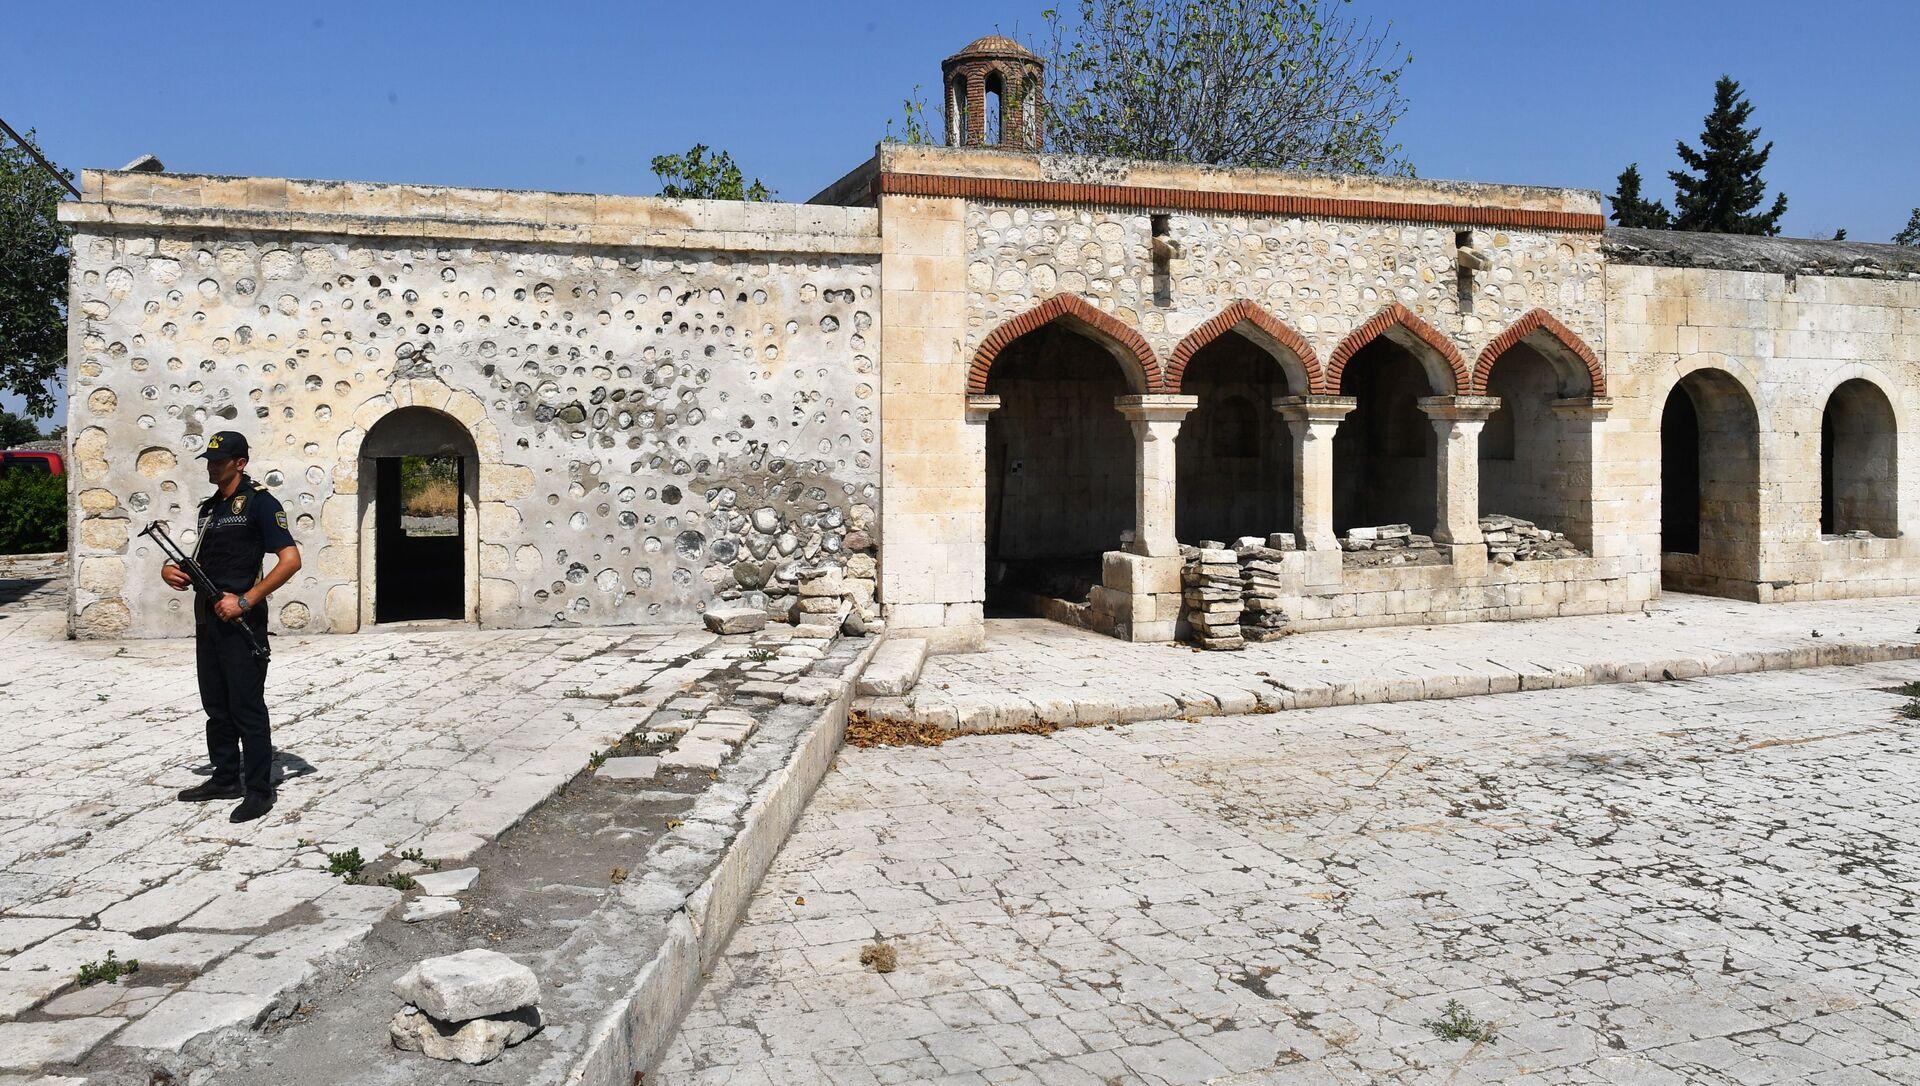 Ağdamda İmarət kompleksinə aid Pənahəli Xanın dağılmış sarayı - Sputnik Azərbaycan, 1920, 22.09.2021